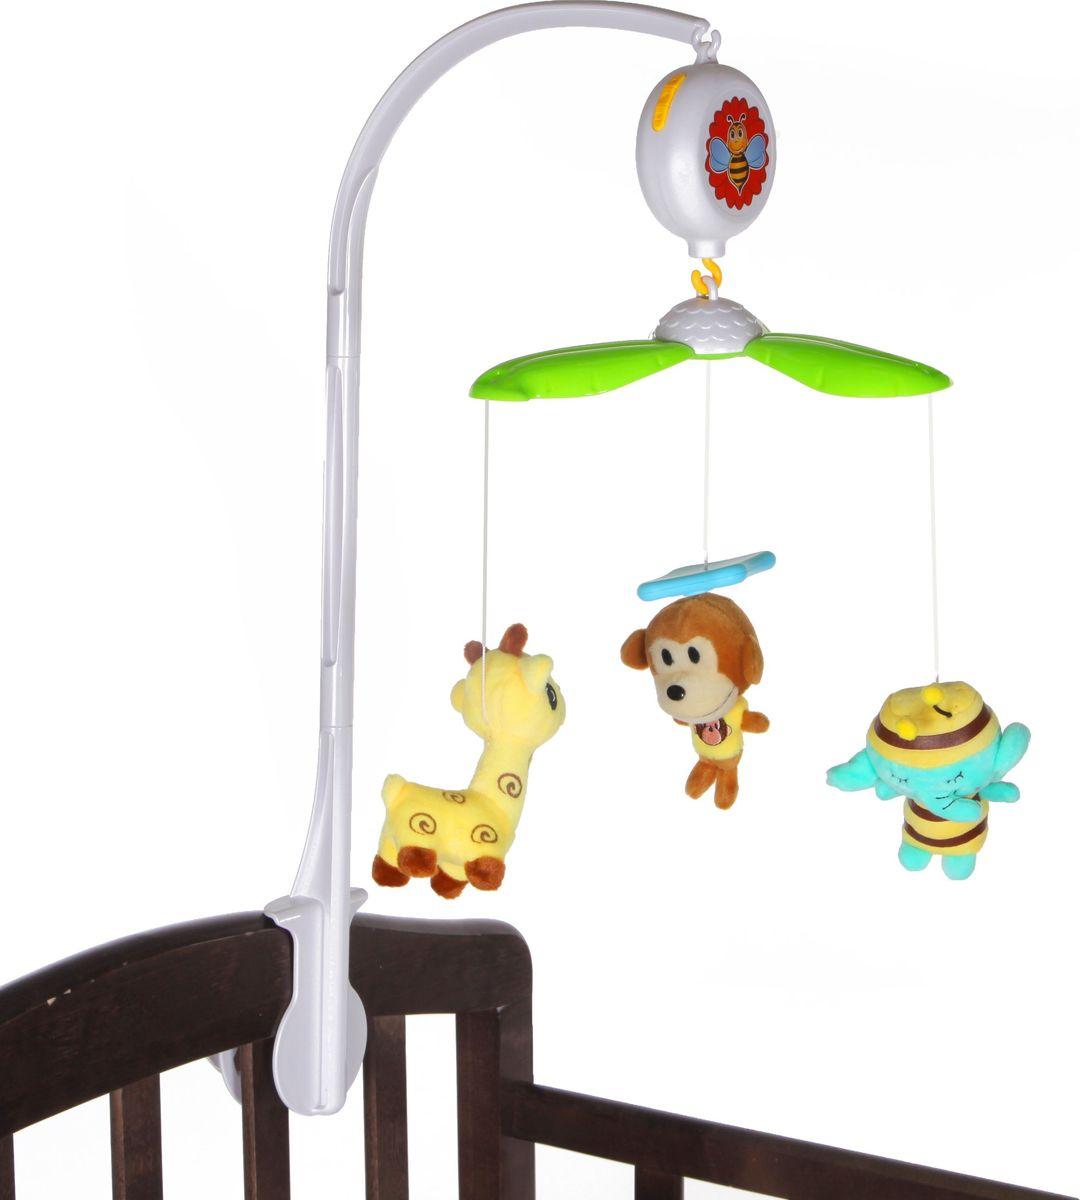 Yako Музыкальный мобиль 6611B-2 - Игрушки для малышей